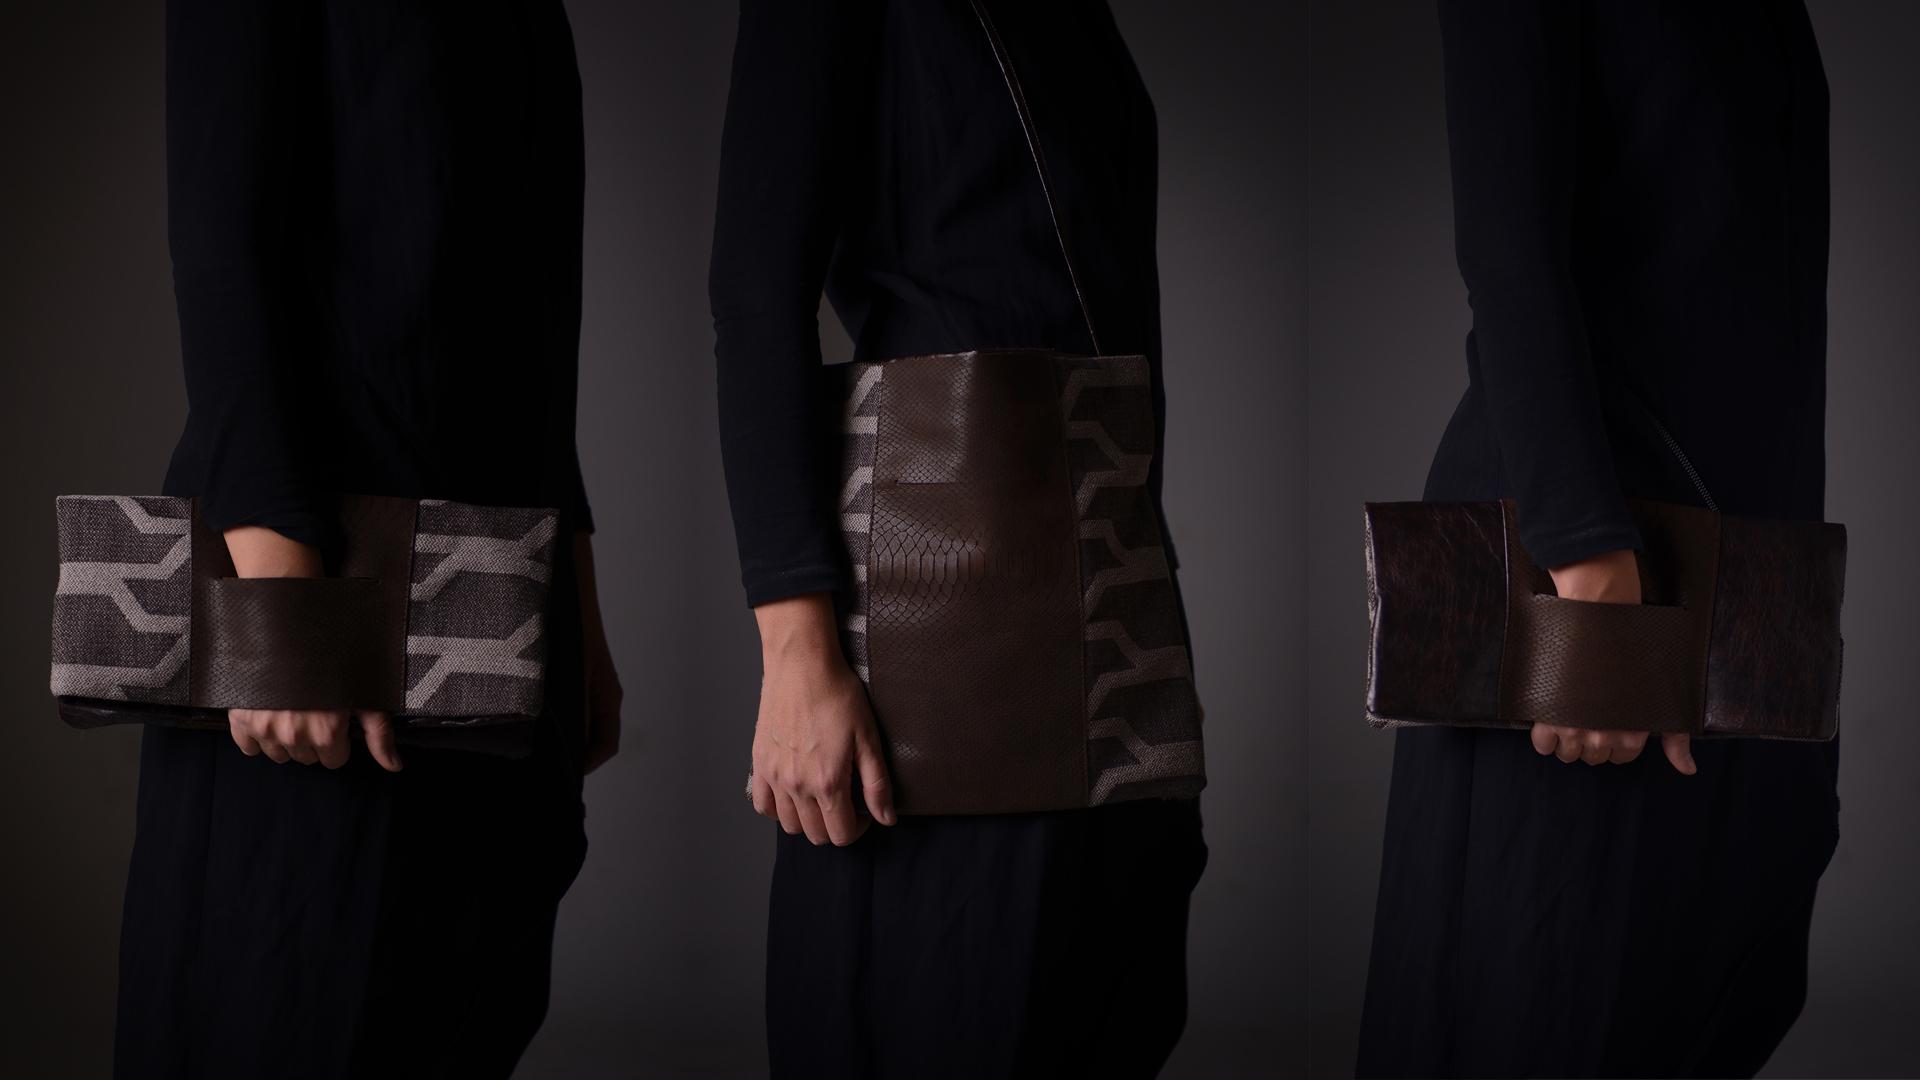 """Borsa """"Tagliomano"""", ovvero tre borse in una: si può indossare come pochette da un lato o dall'altro (uno realizzato con due tipi di pelle, l'altro in pelle e tessuto) oppure come una postina con la tracolla lunga"""